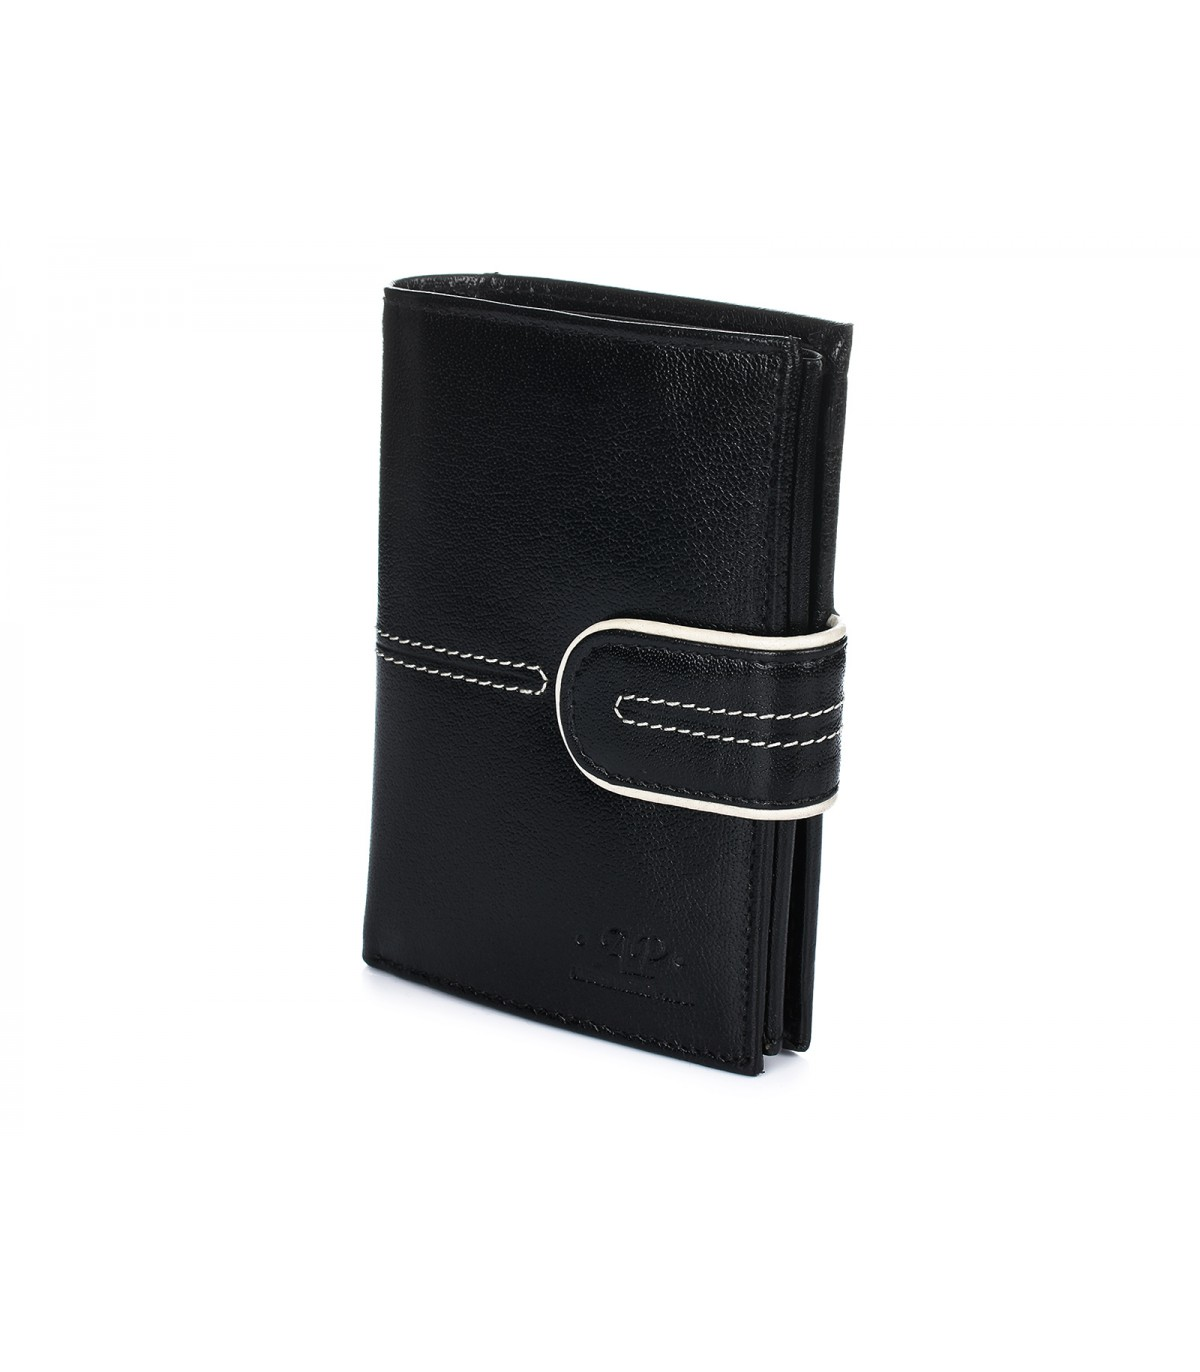 Alessandro Paoli K59 Pánska kožená peňaženka RFID čierna